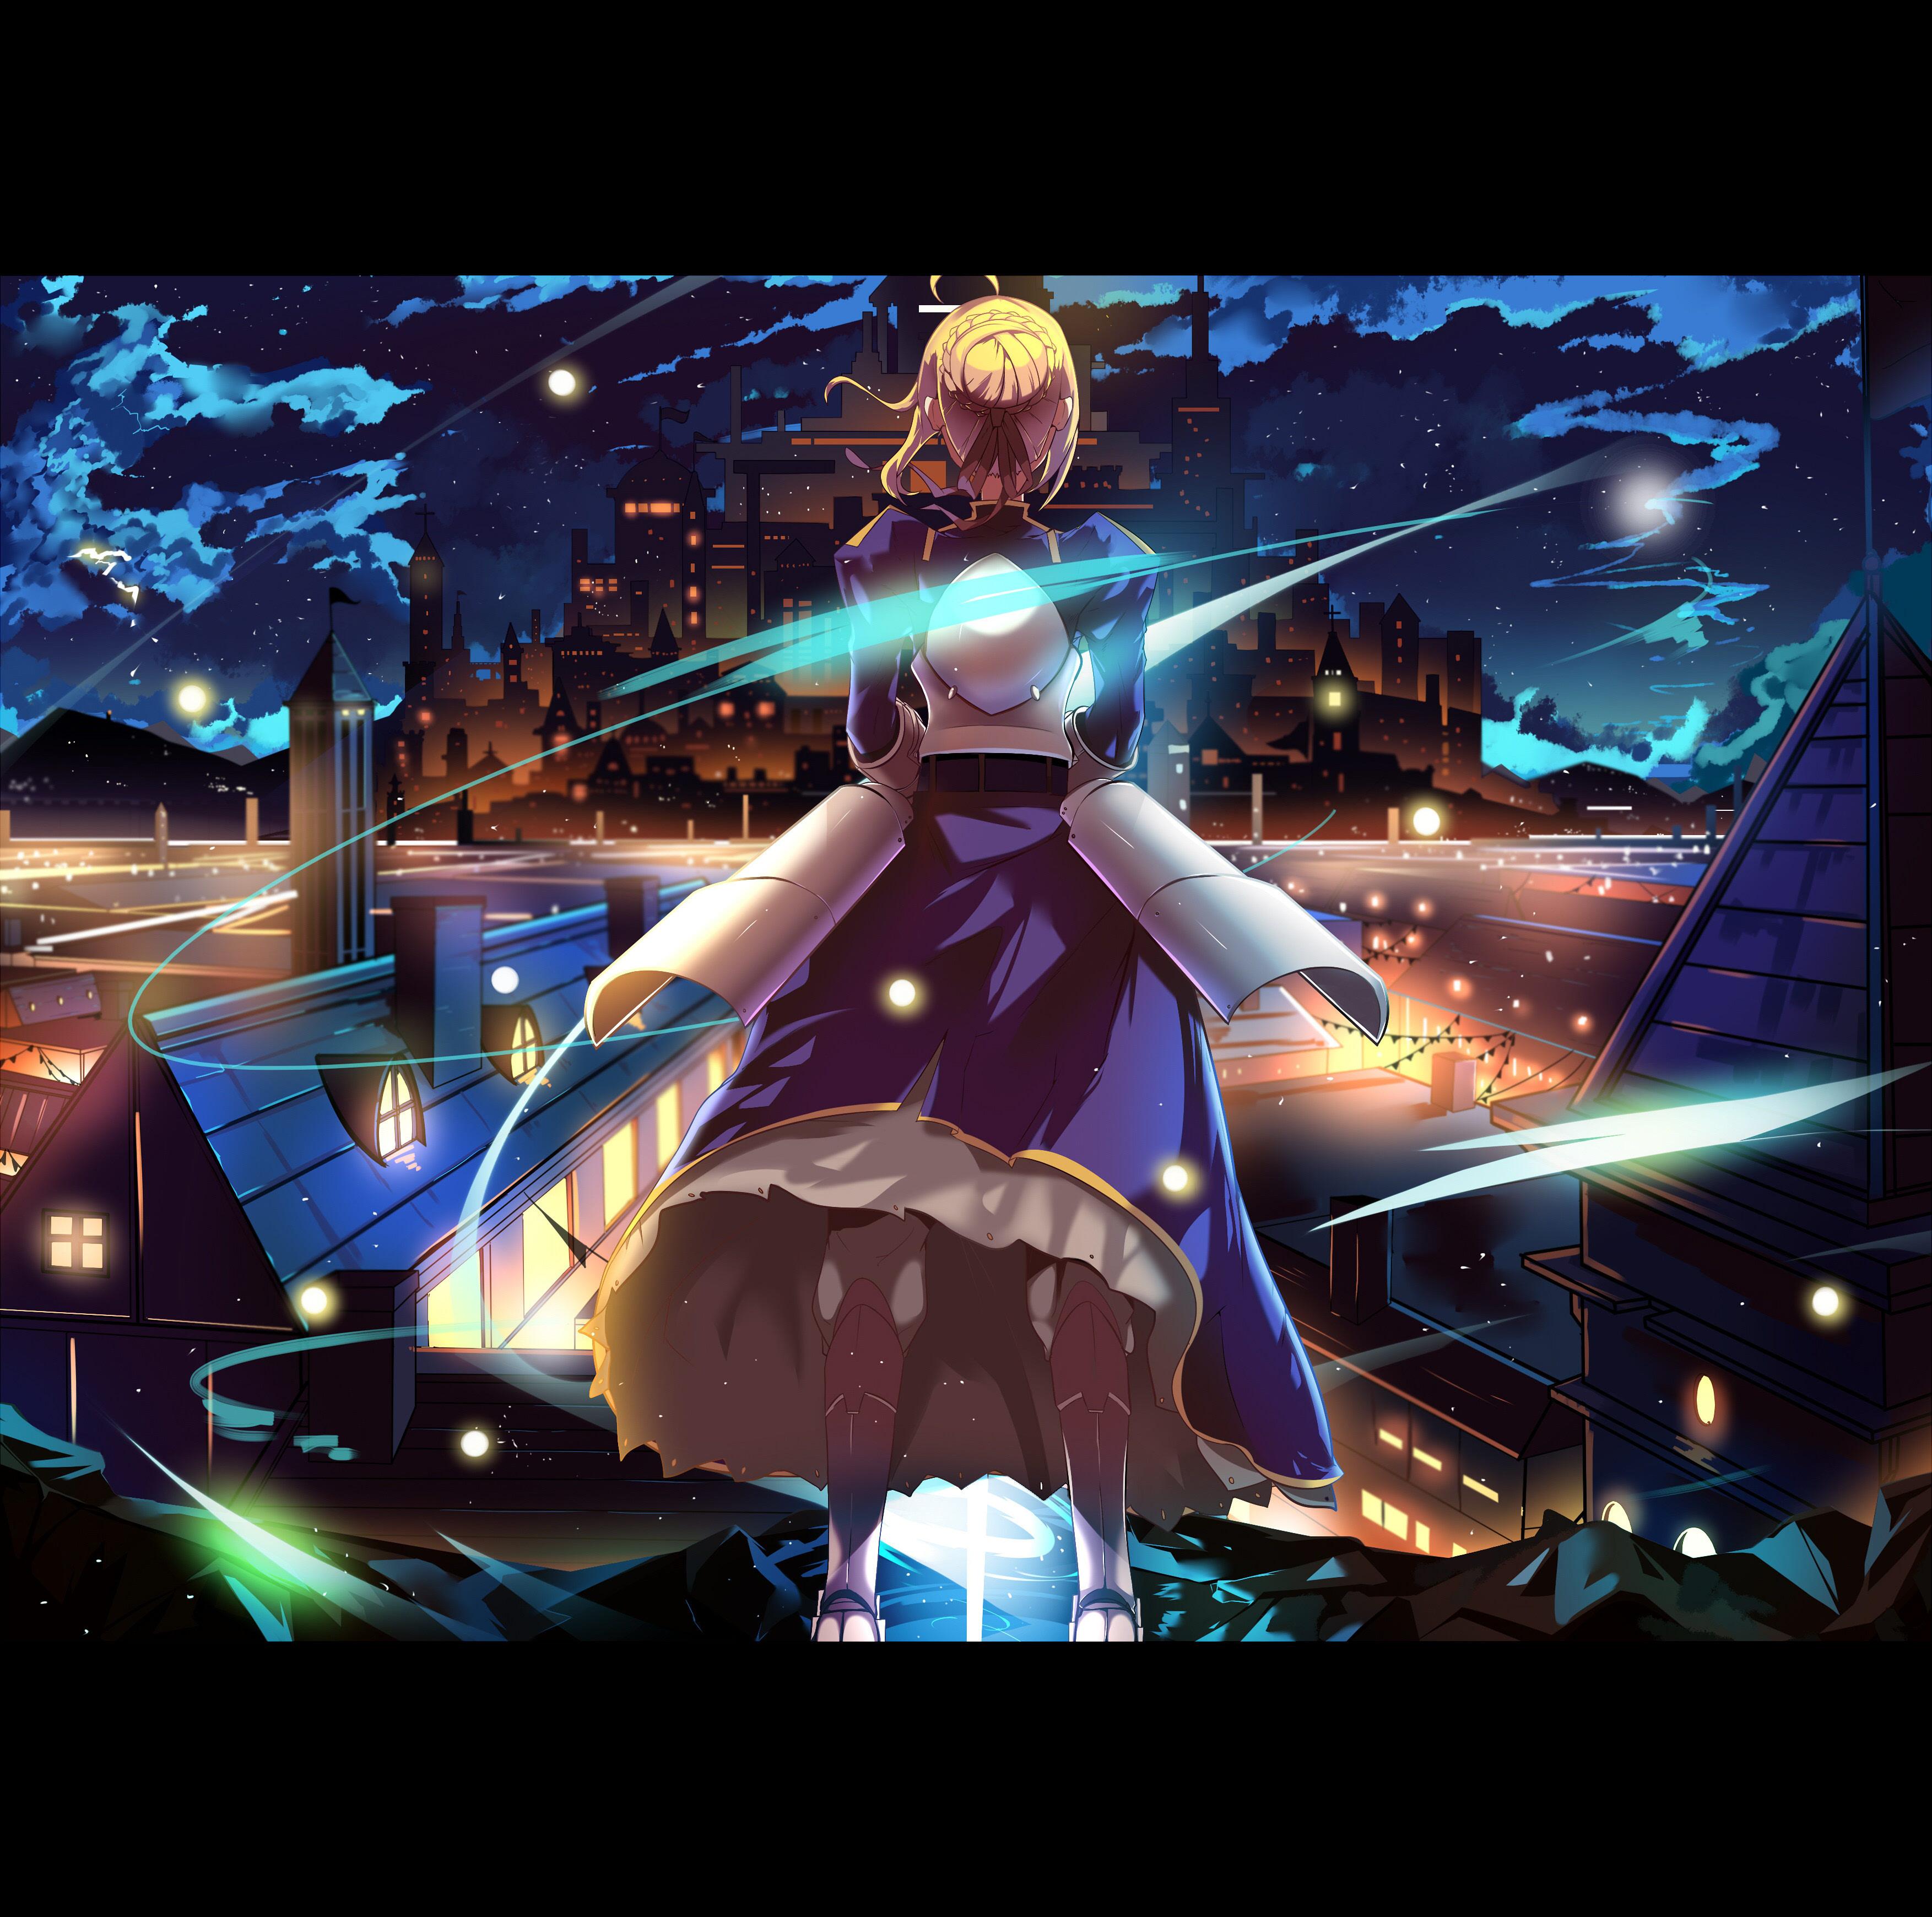 a区:fatestaynight/fatezero动漫图片(26p)